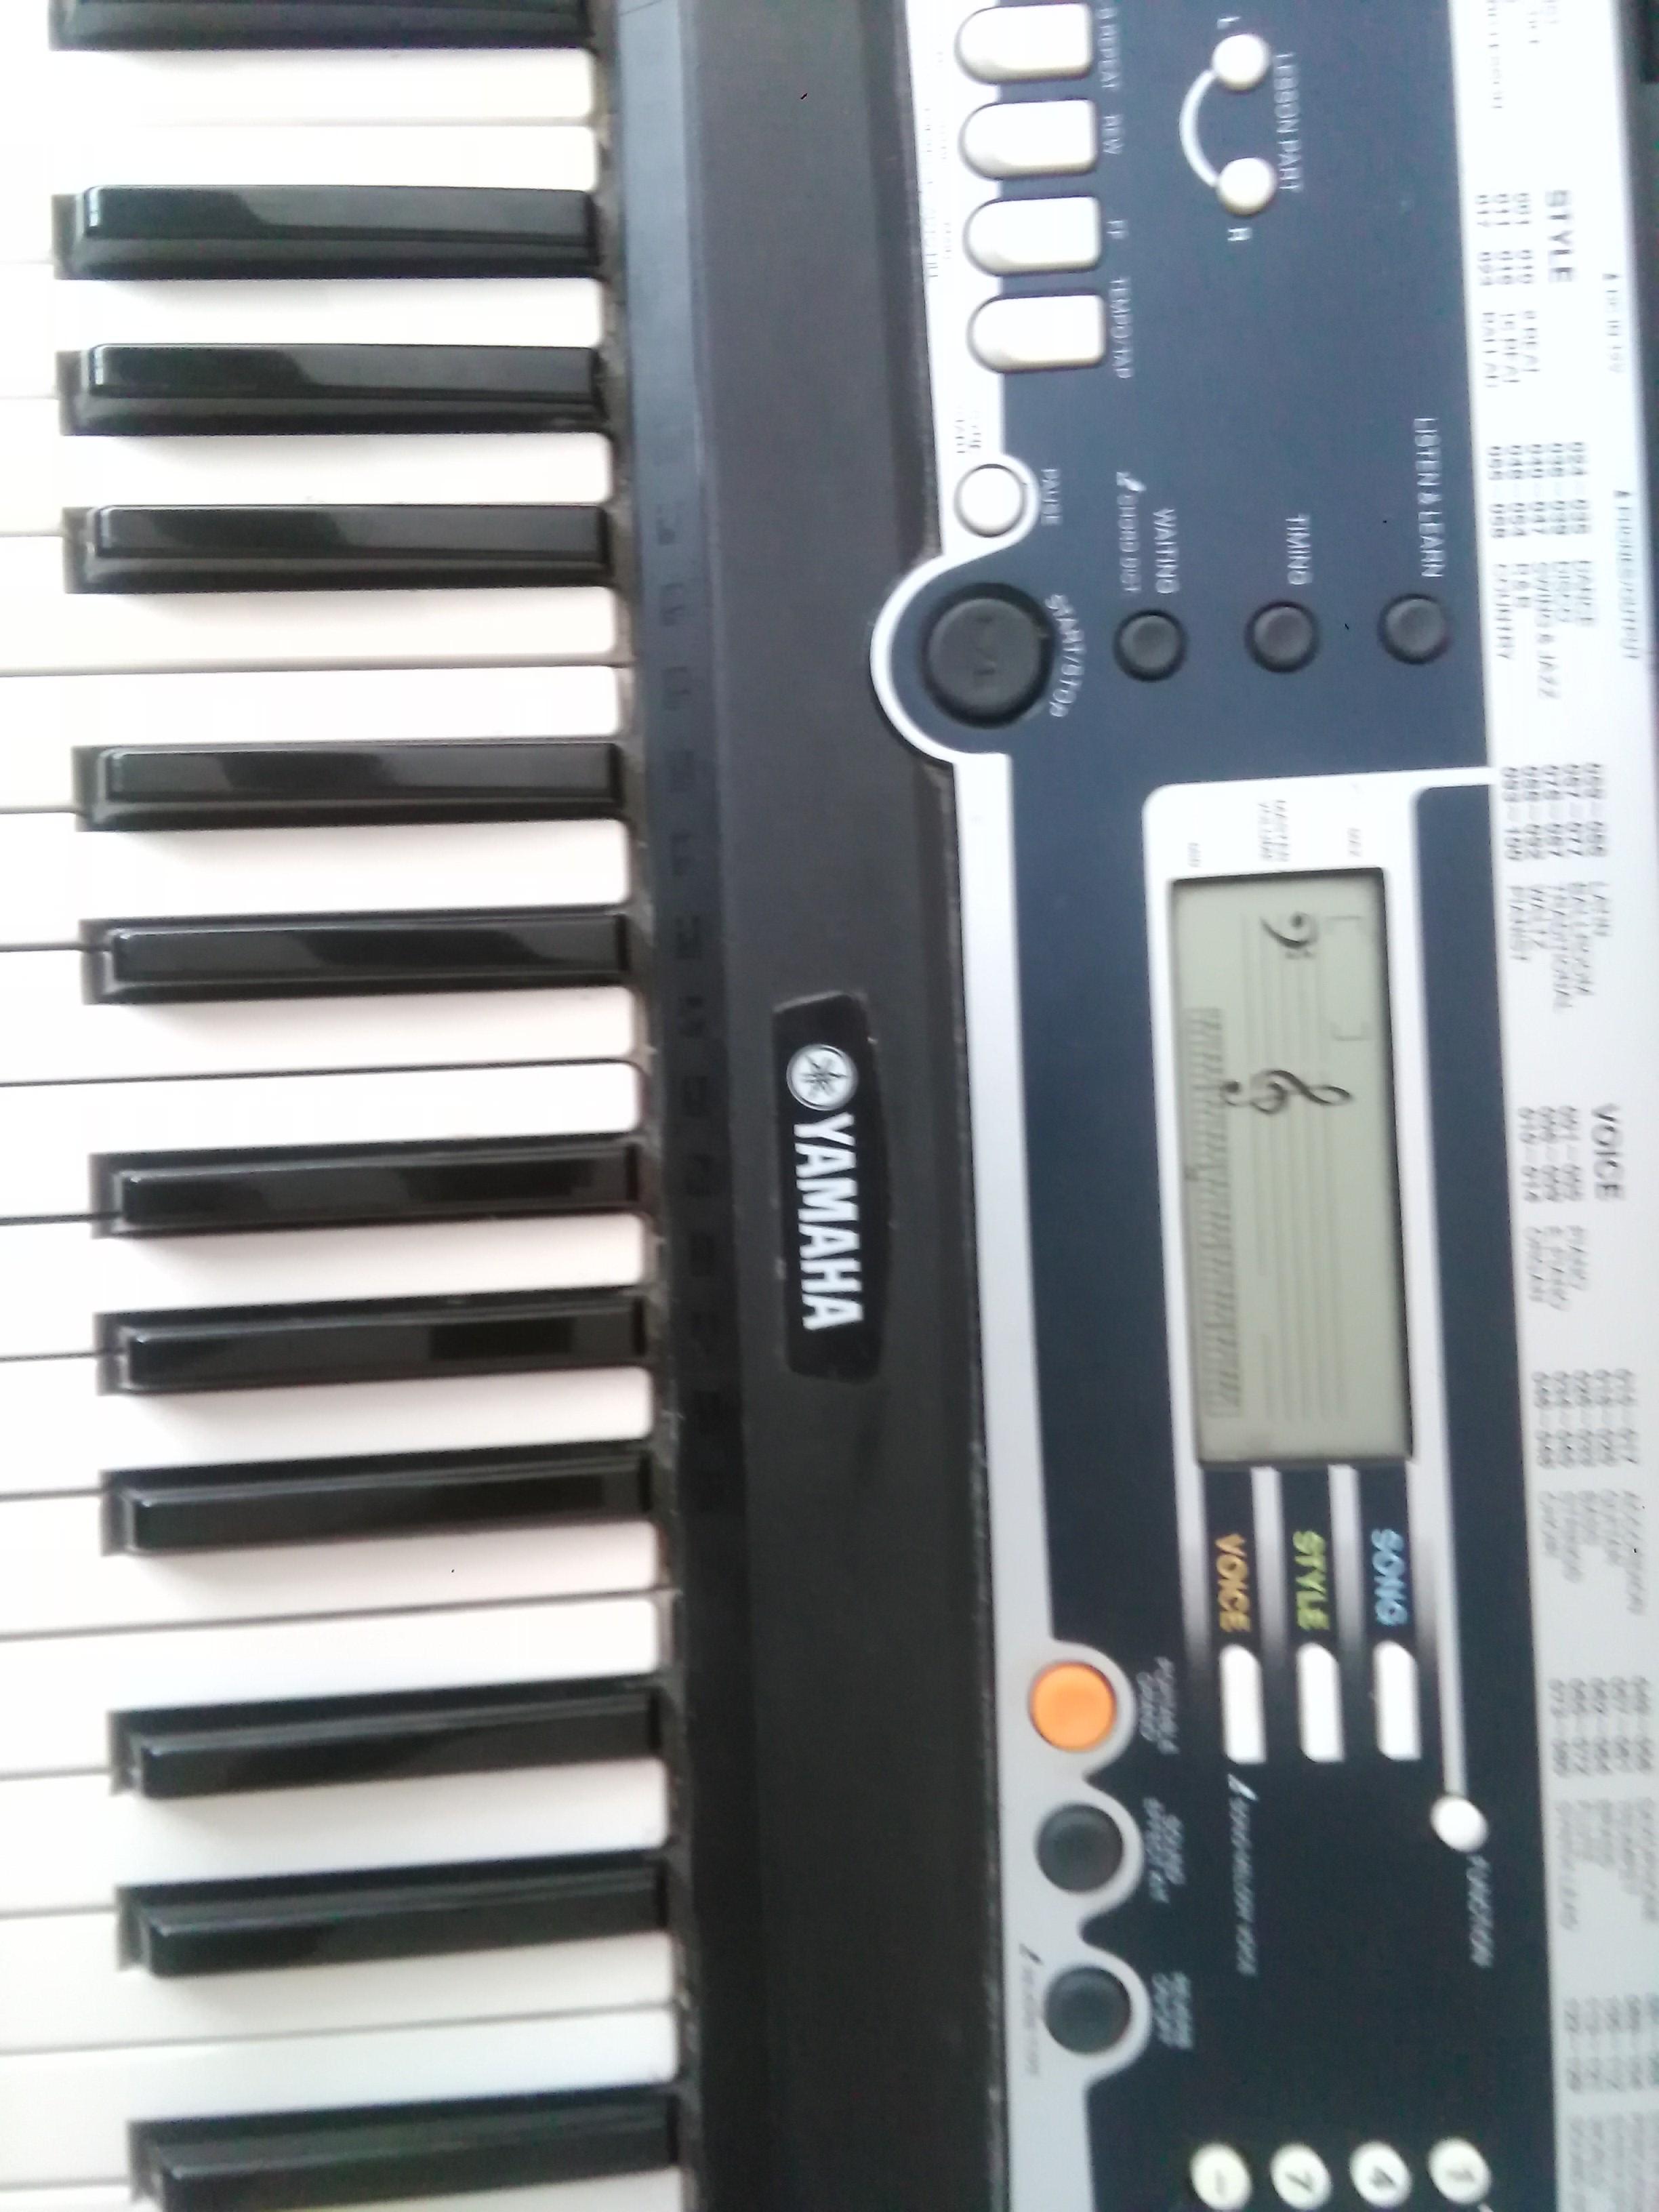 Yamaha ypt 210 image 1453231 audiofanzine for Yamaha ypt 210 manual